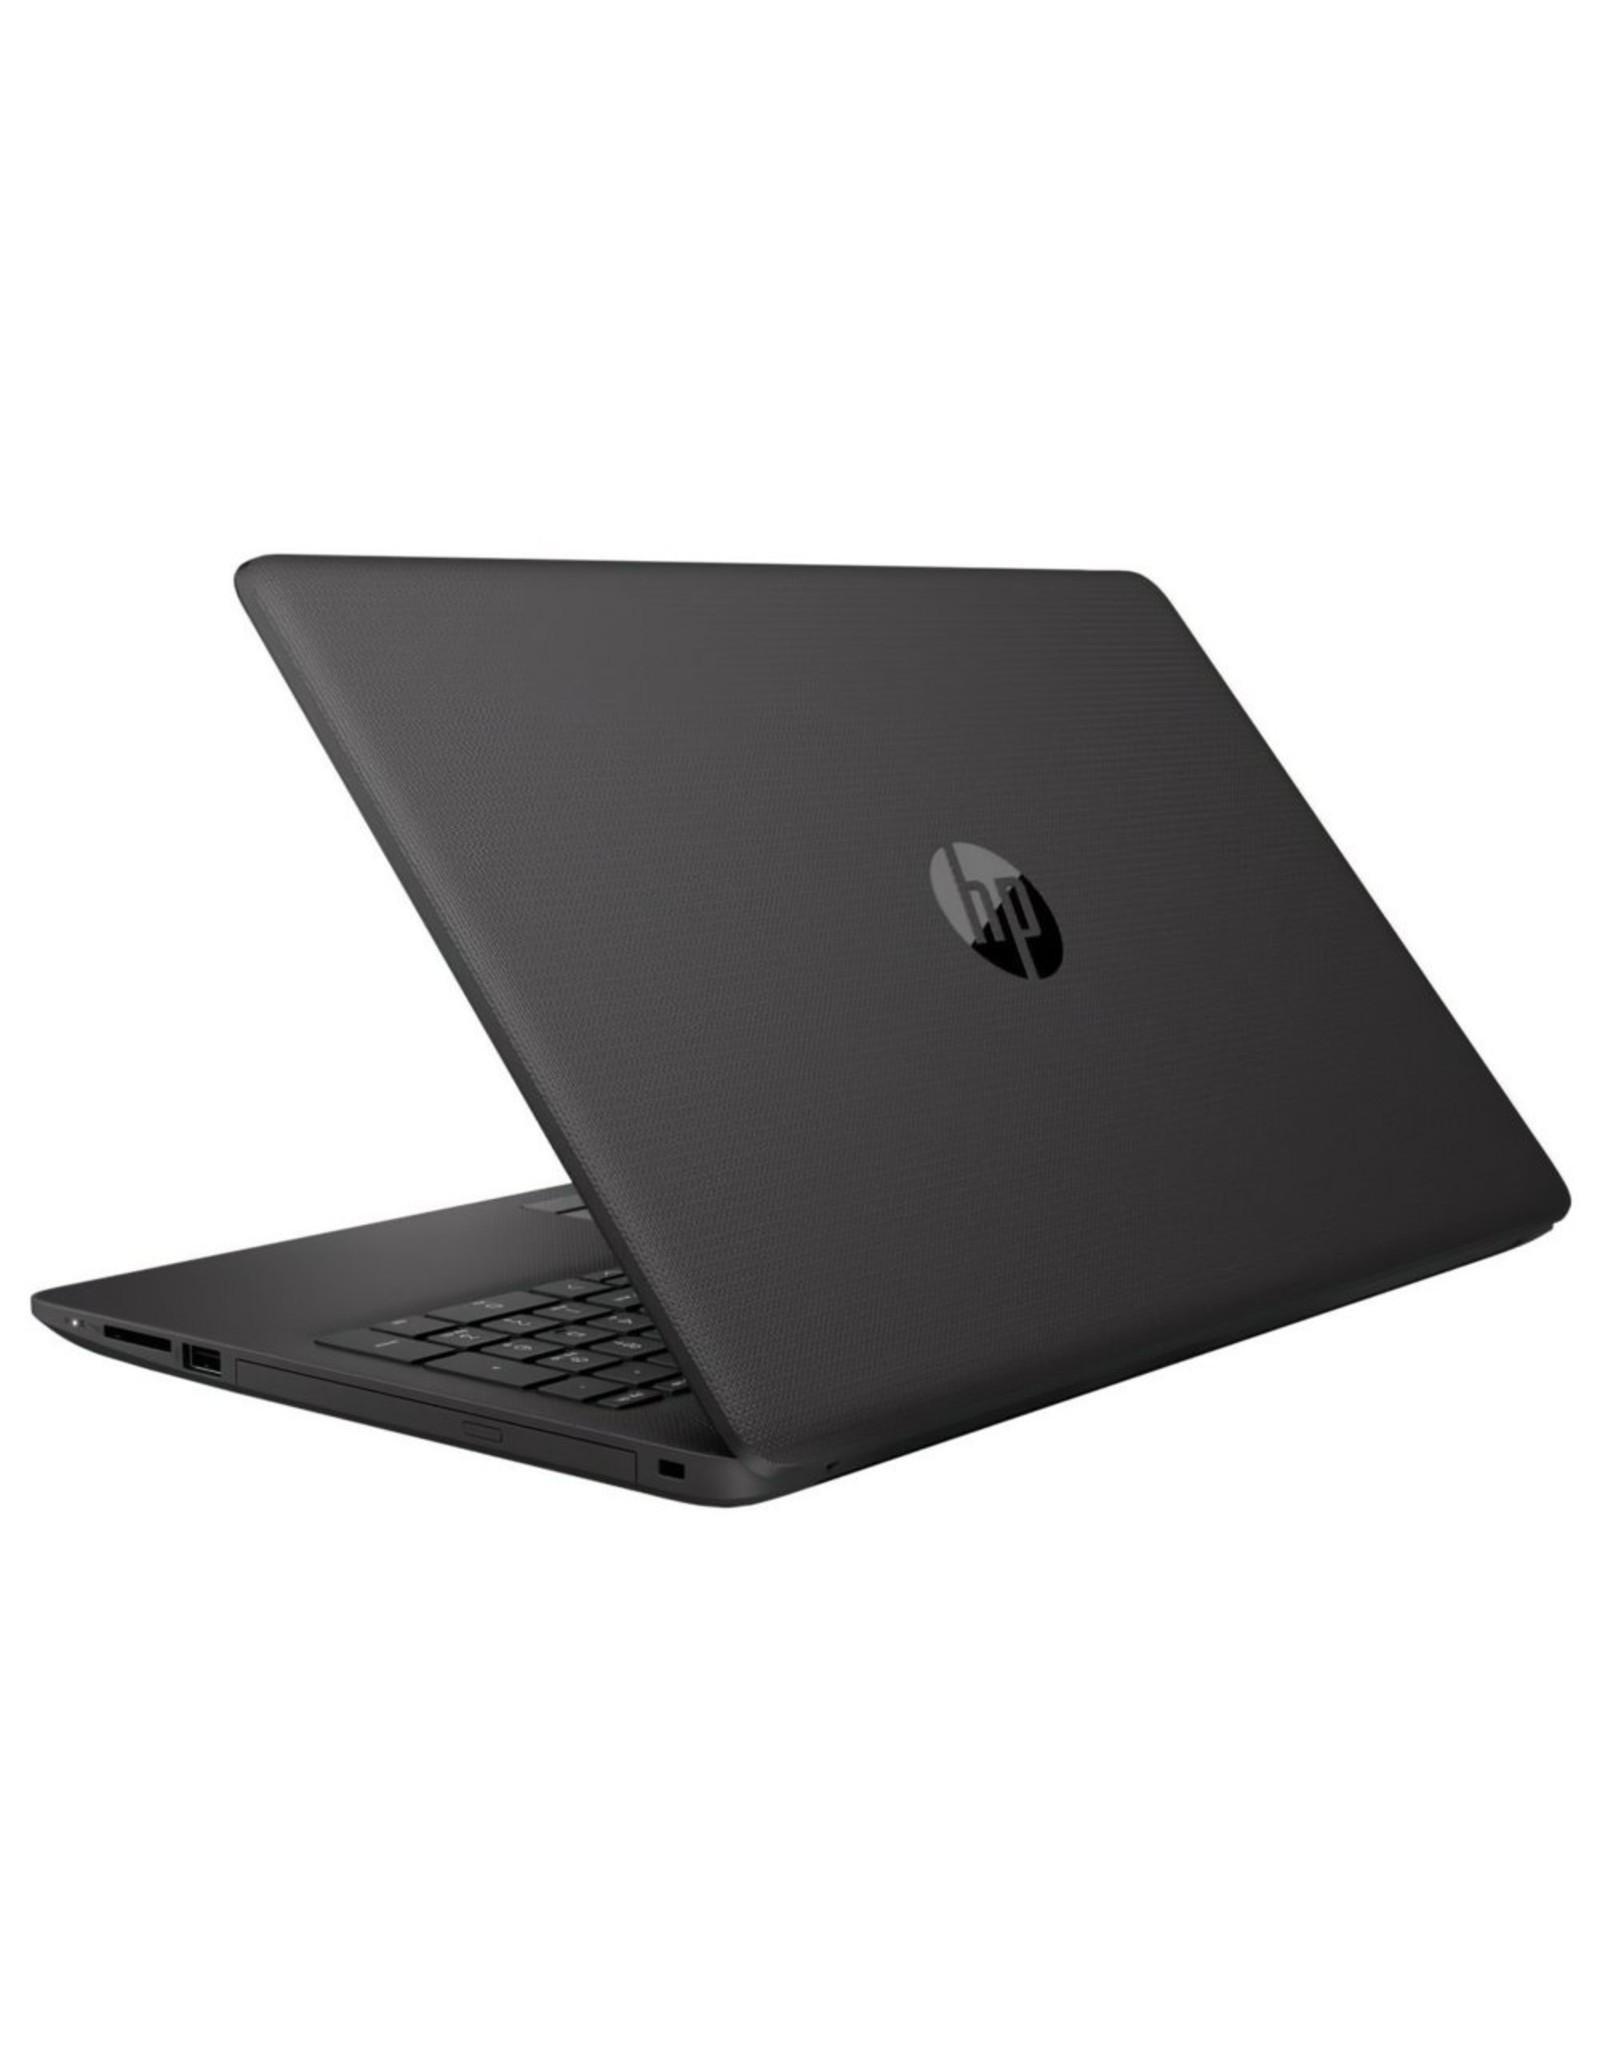 Hewlett Packard NOTEBOOK HP 250 G7 i3-1005G1 8GB 128GB+1TB W10PRO